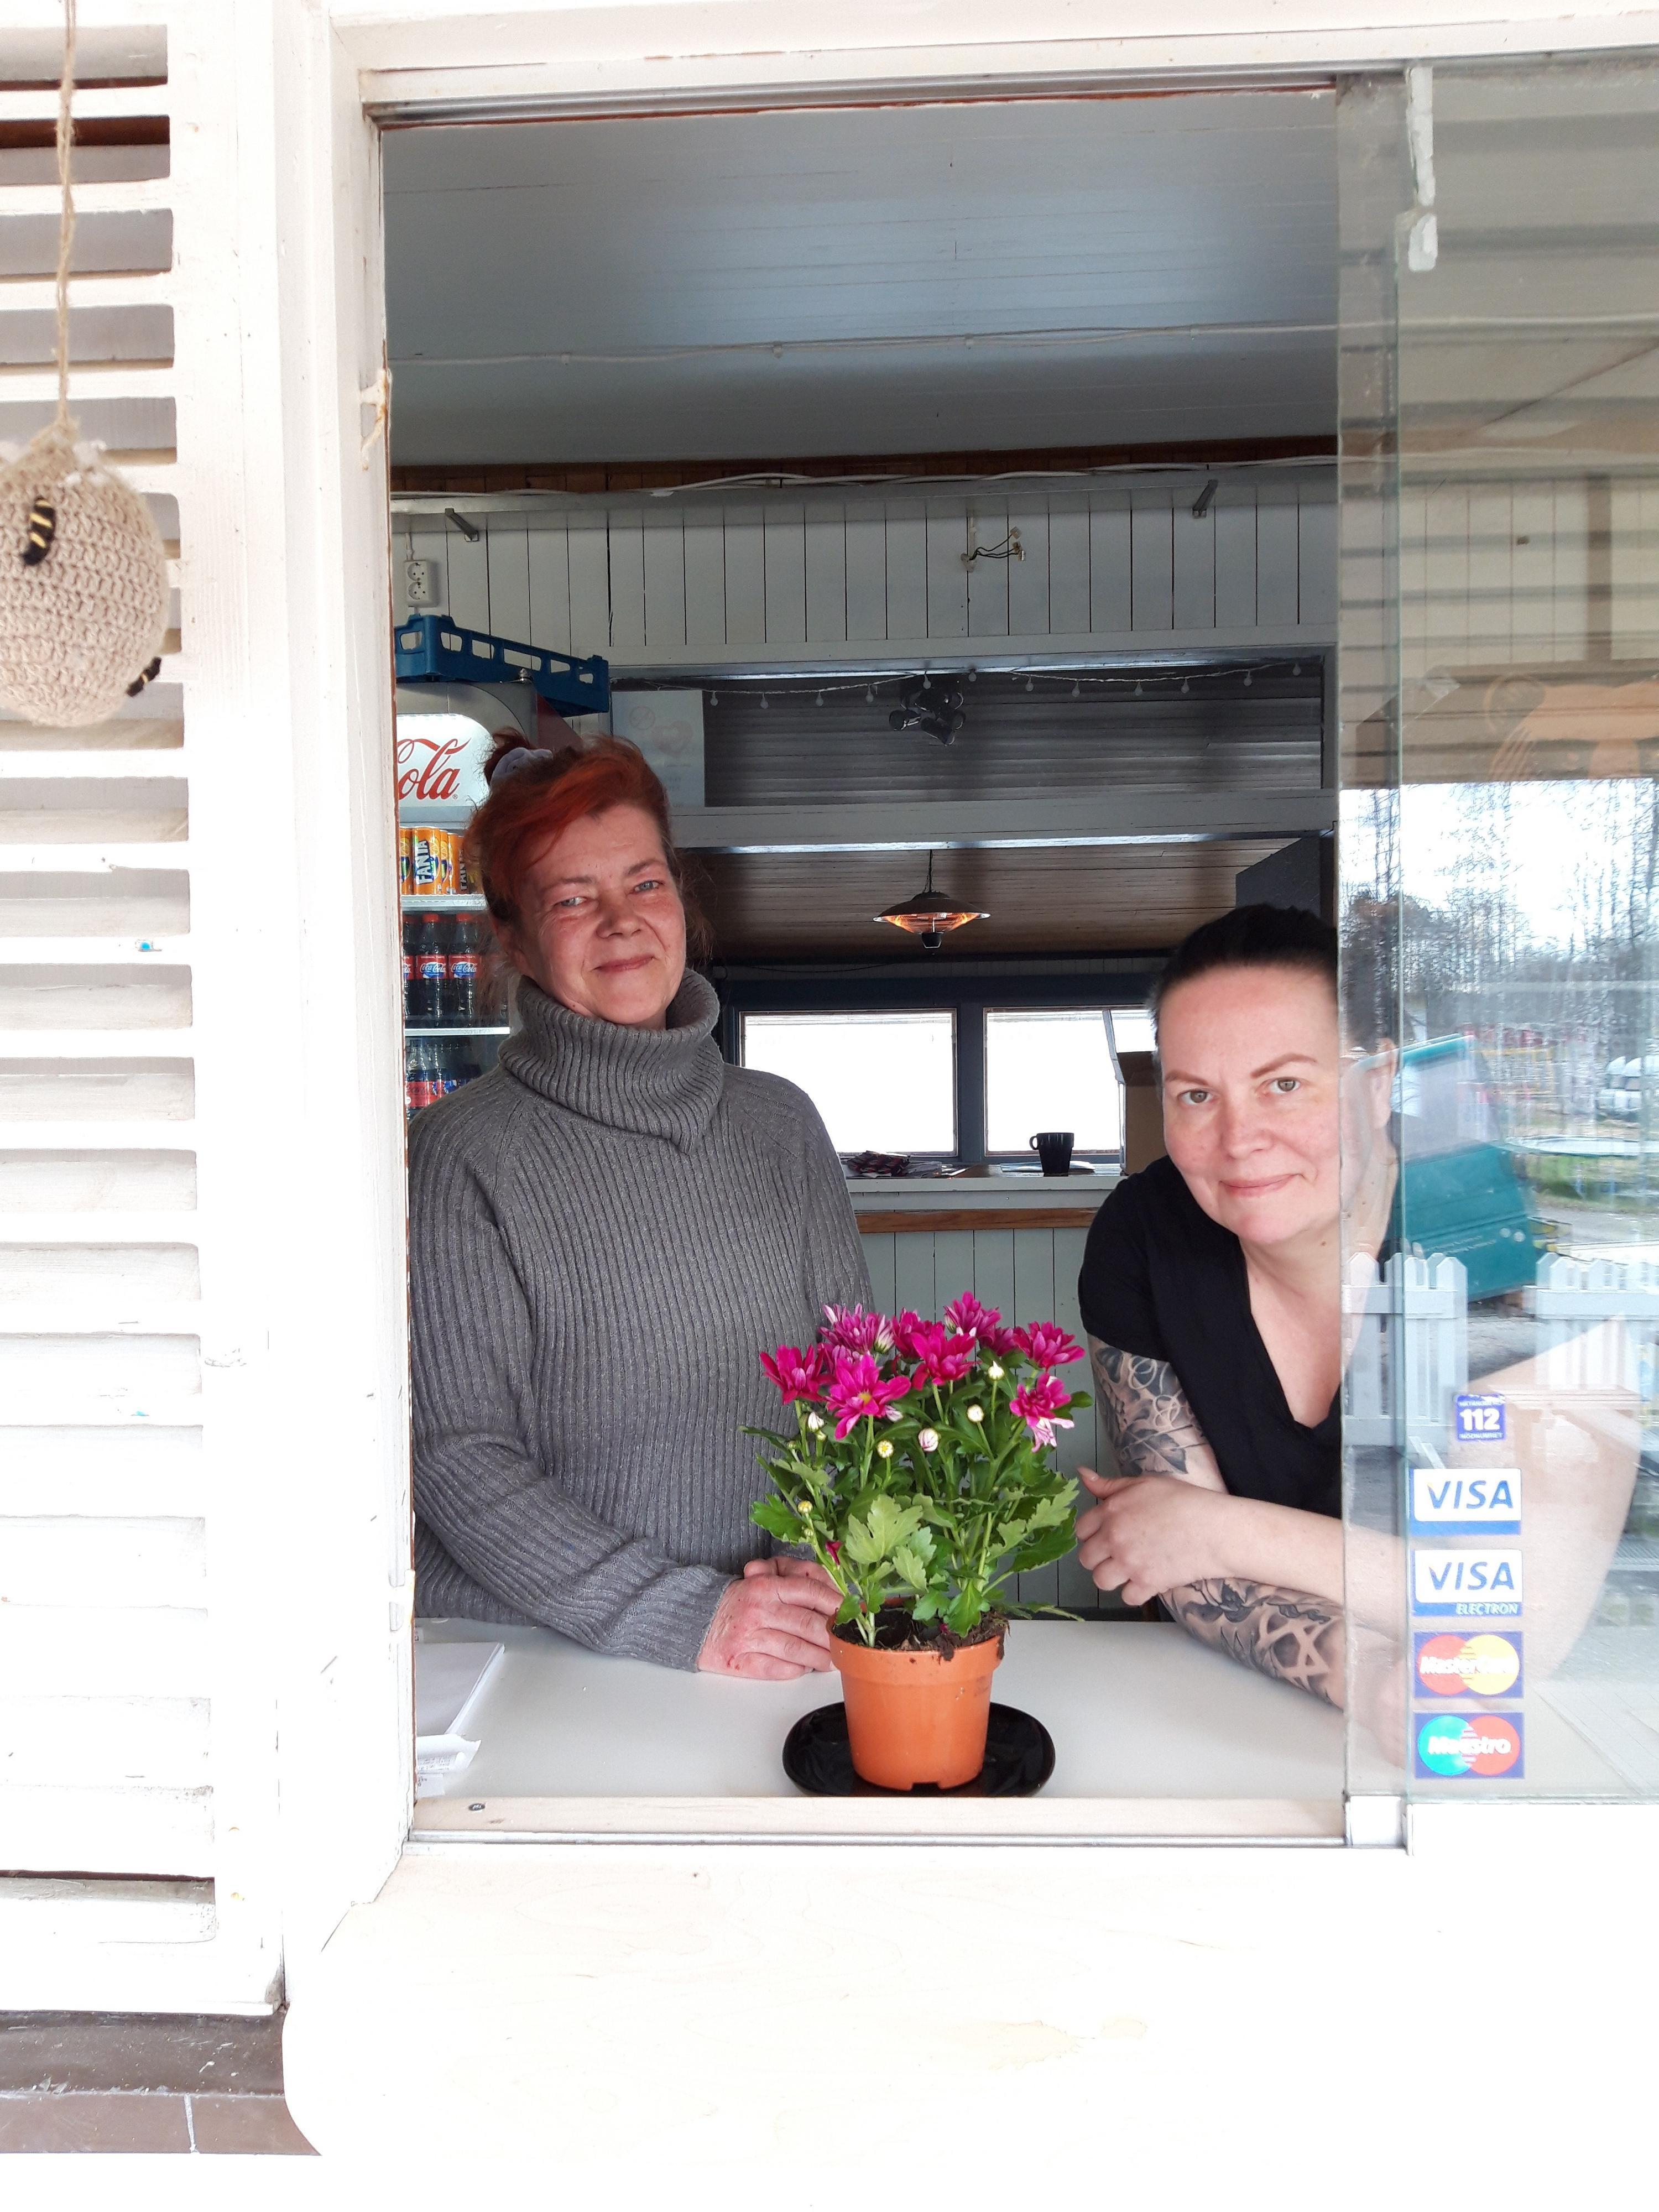 Säynäniemen leirintäalueen uudet yrittäjät kurkistavat ikkunasta.